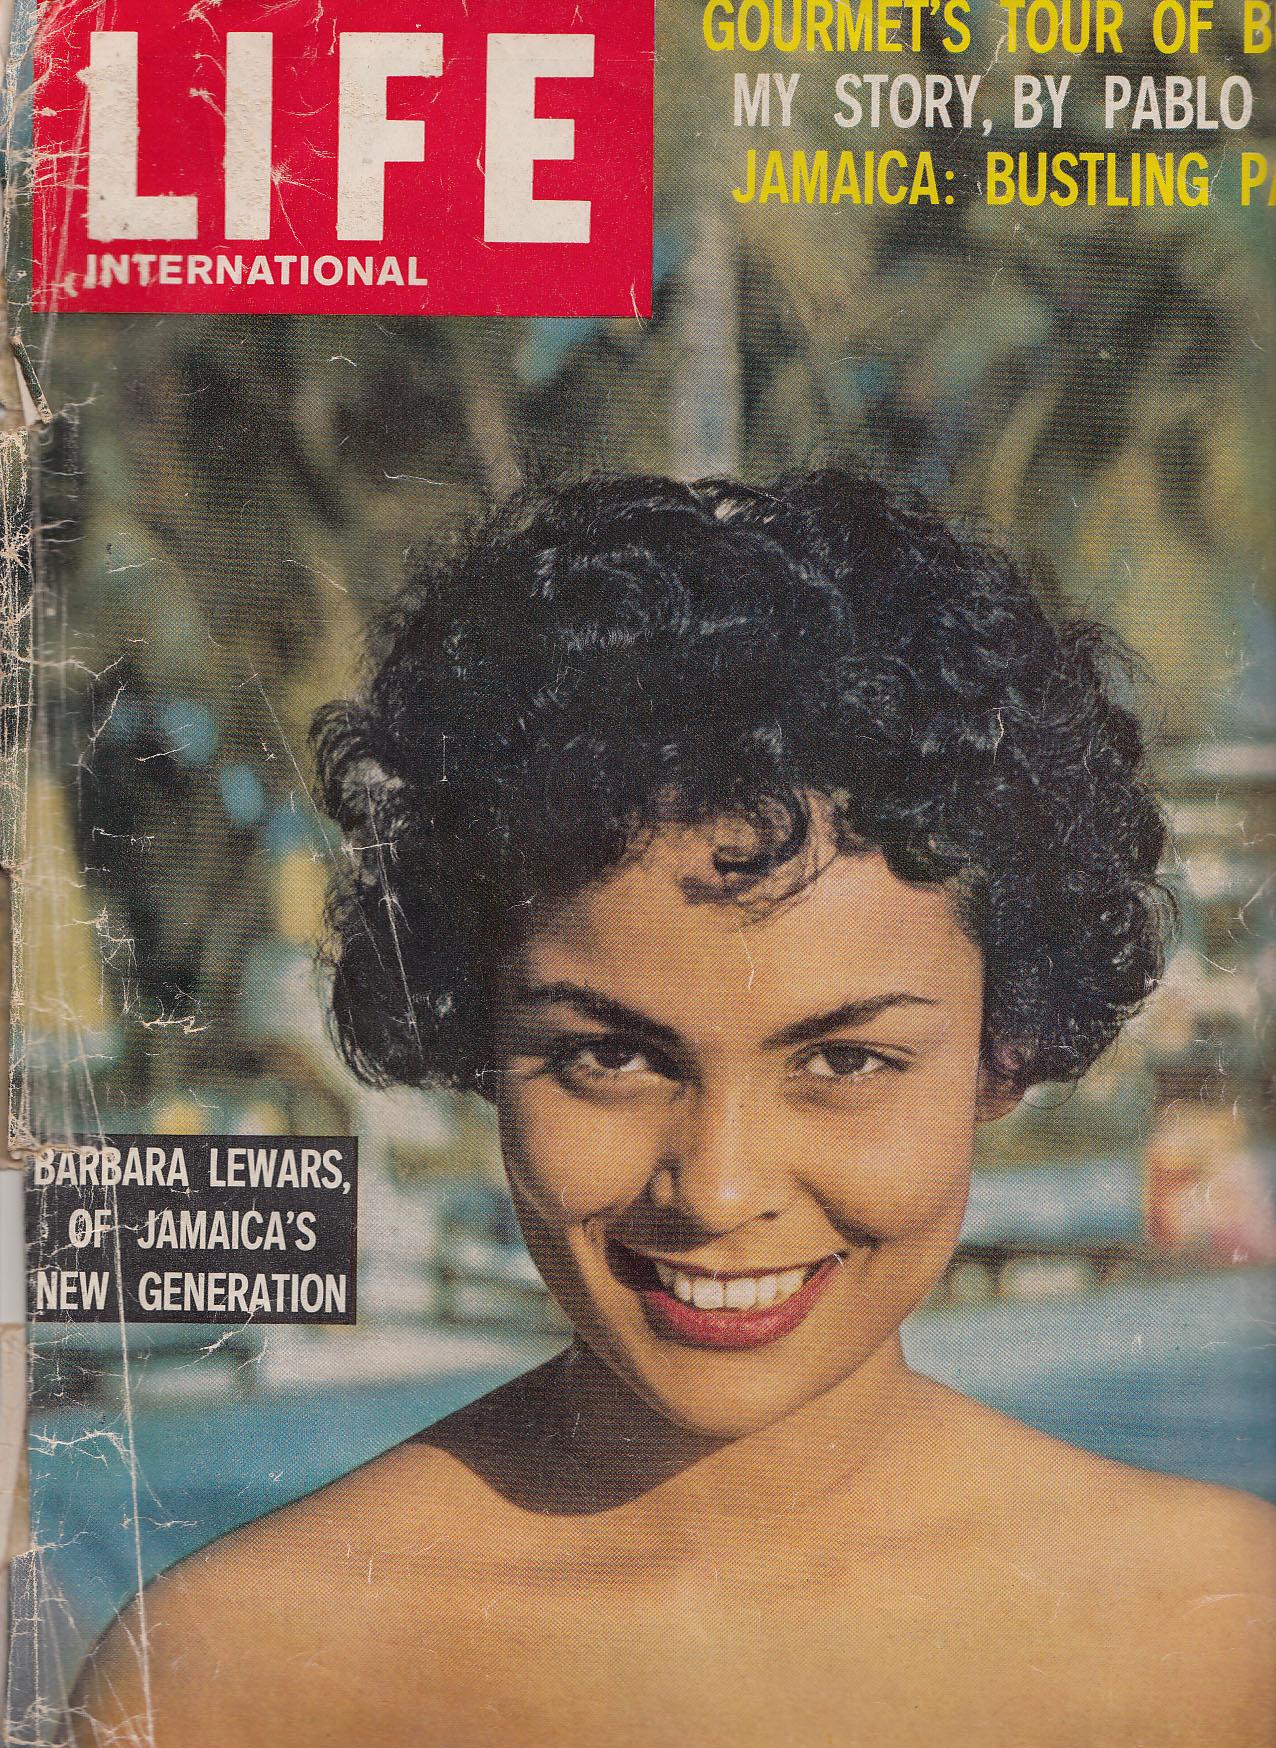 Barbara Lewars